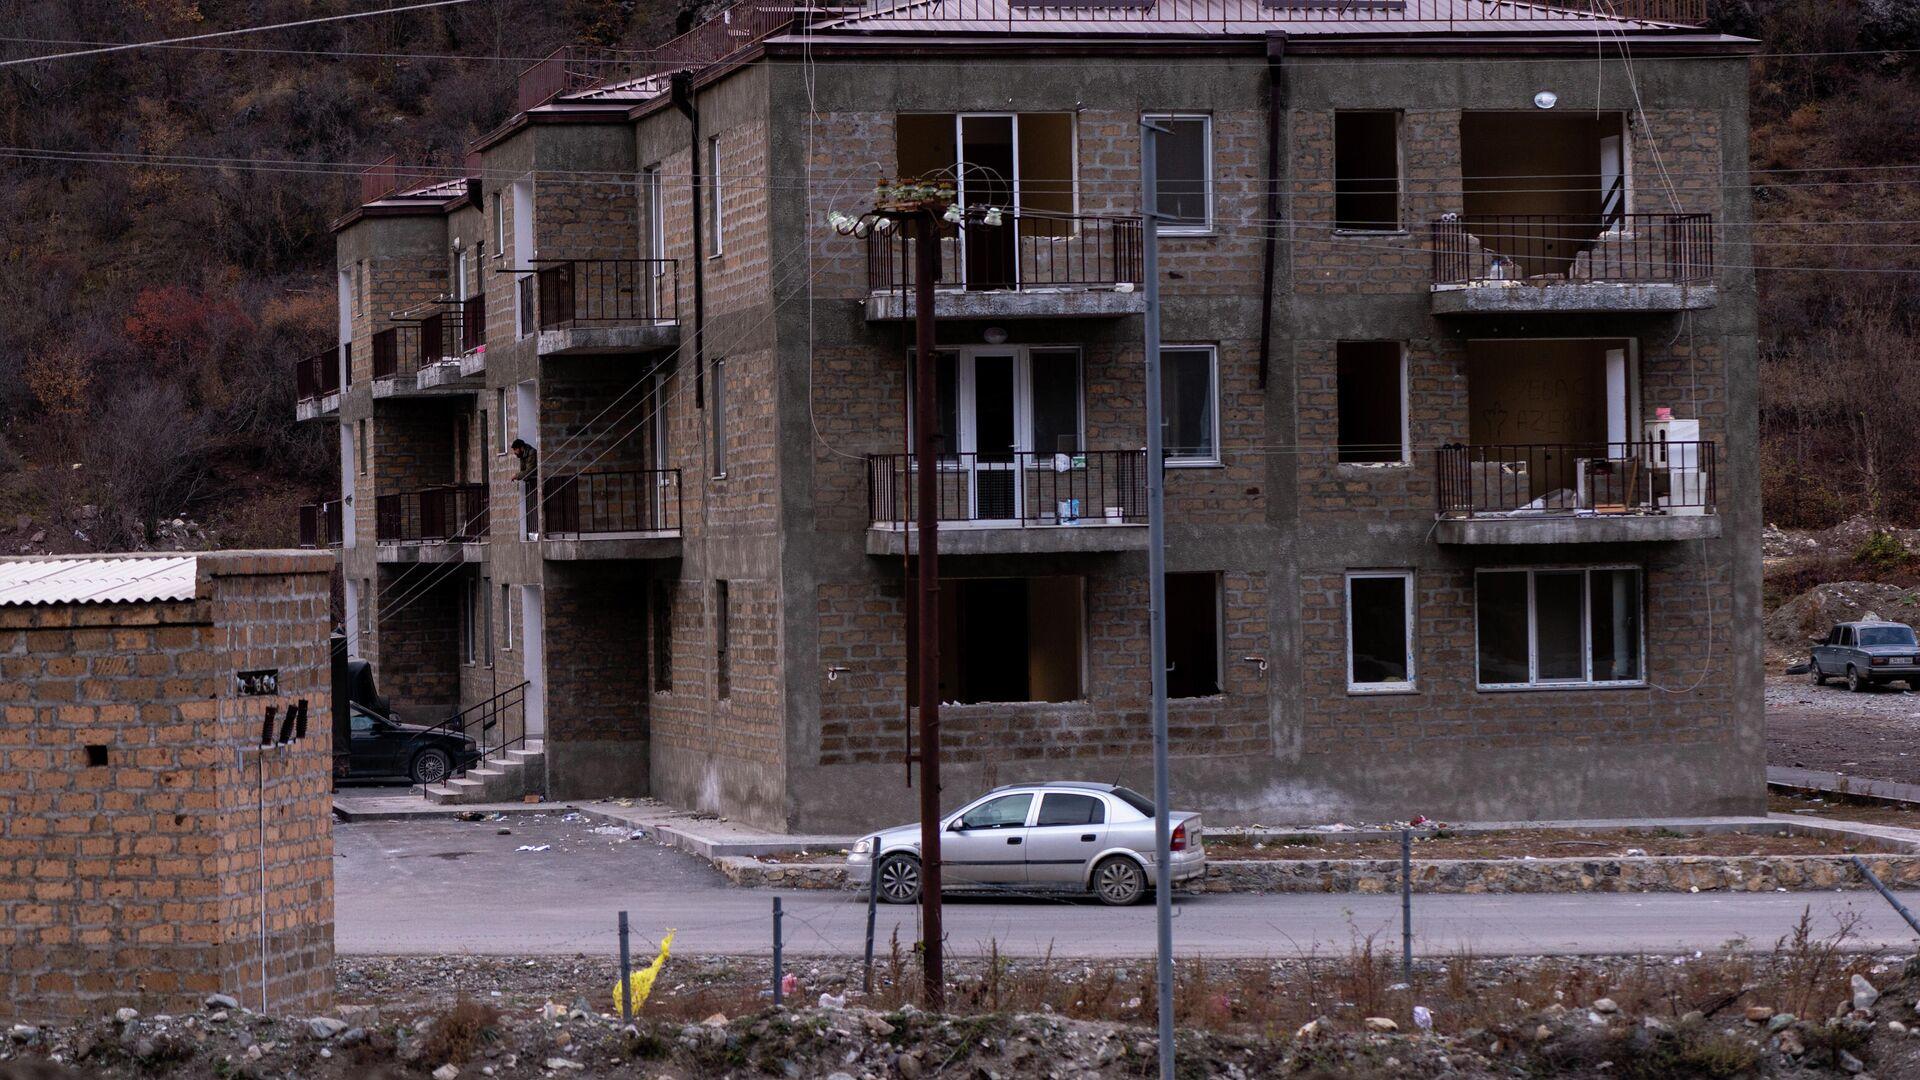 Дом в городе Карвачар (Кельбаджар) в Нагорном Карабахе - РИА Новости, 1920, 13.11.2020